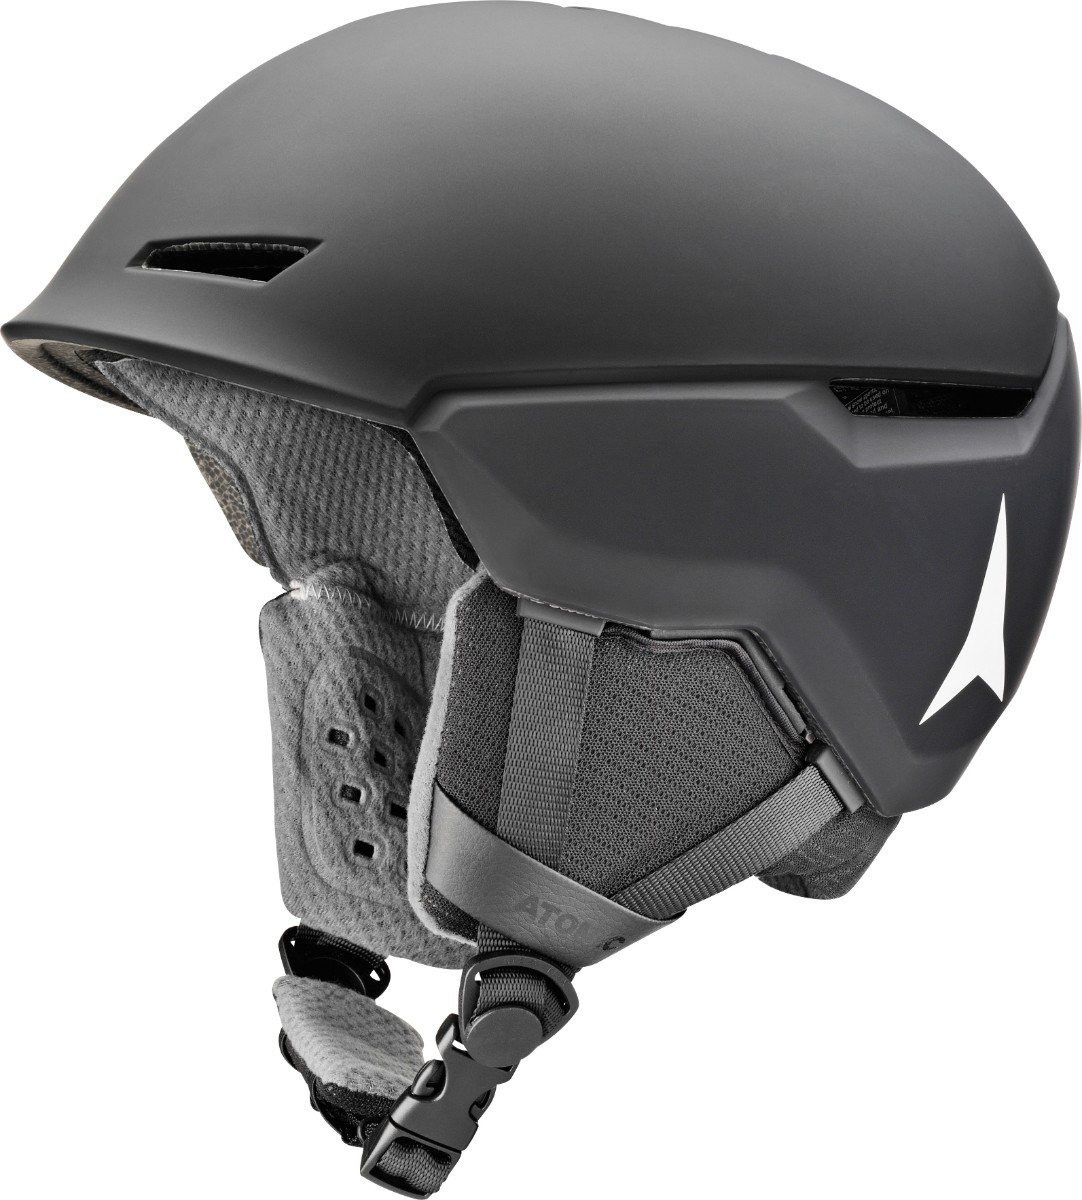 Atomic Revent - černá Velikost helmy: S 2019/2020